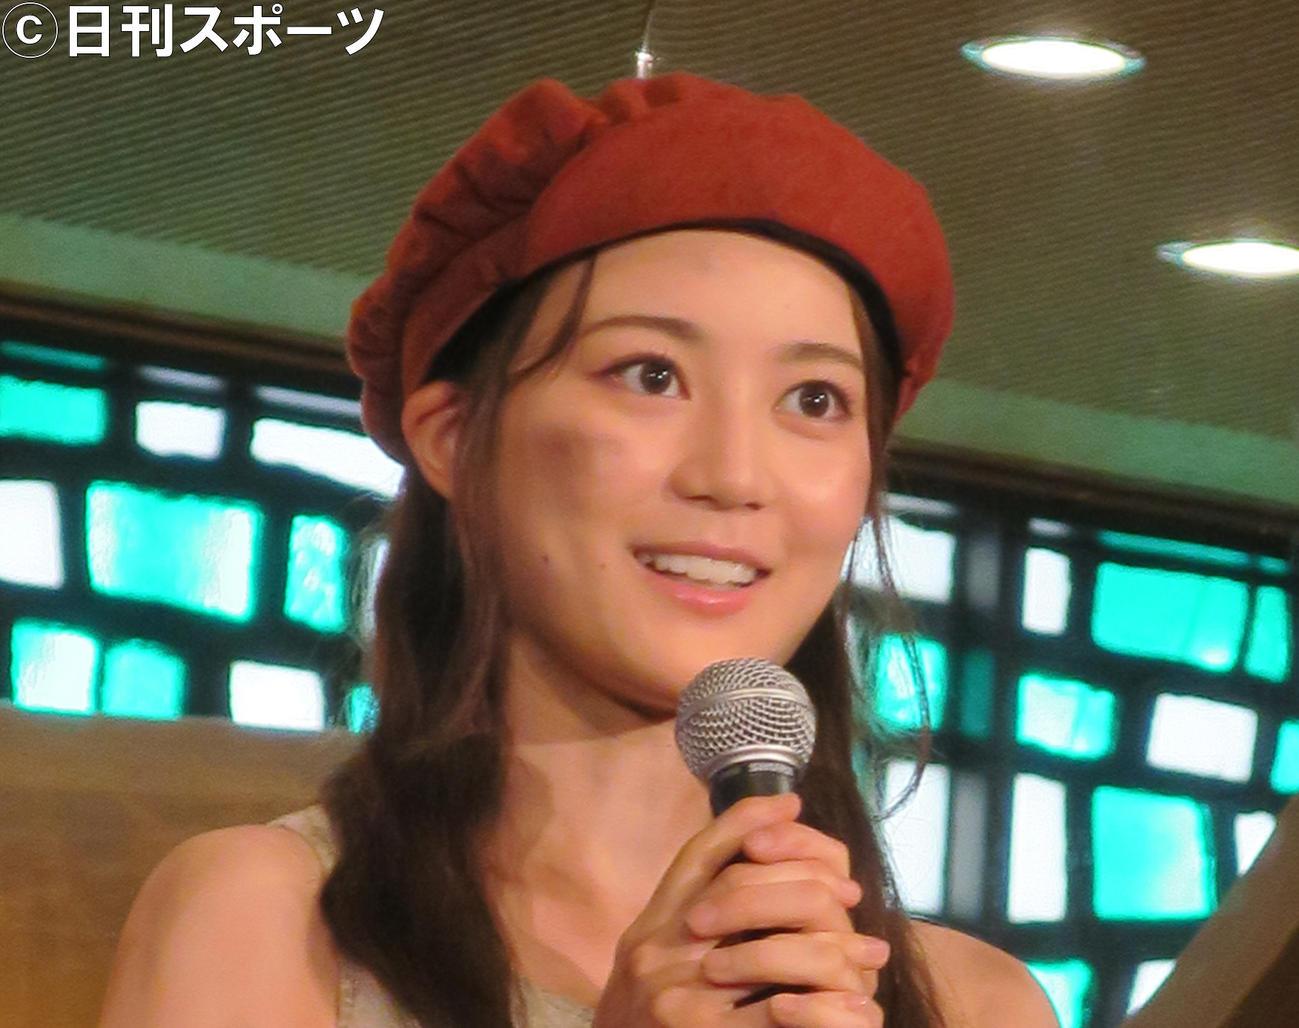 ミュージカル「レ・ミゼラブル」初日記念会見で意気込みを語る生田絵梨花(2021年5月撮影)